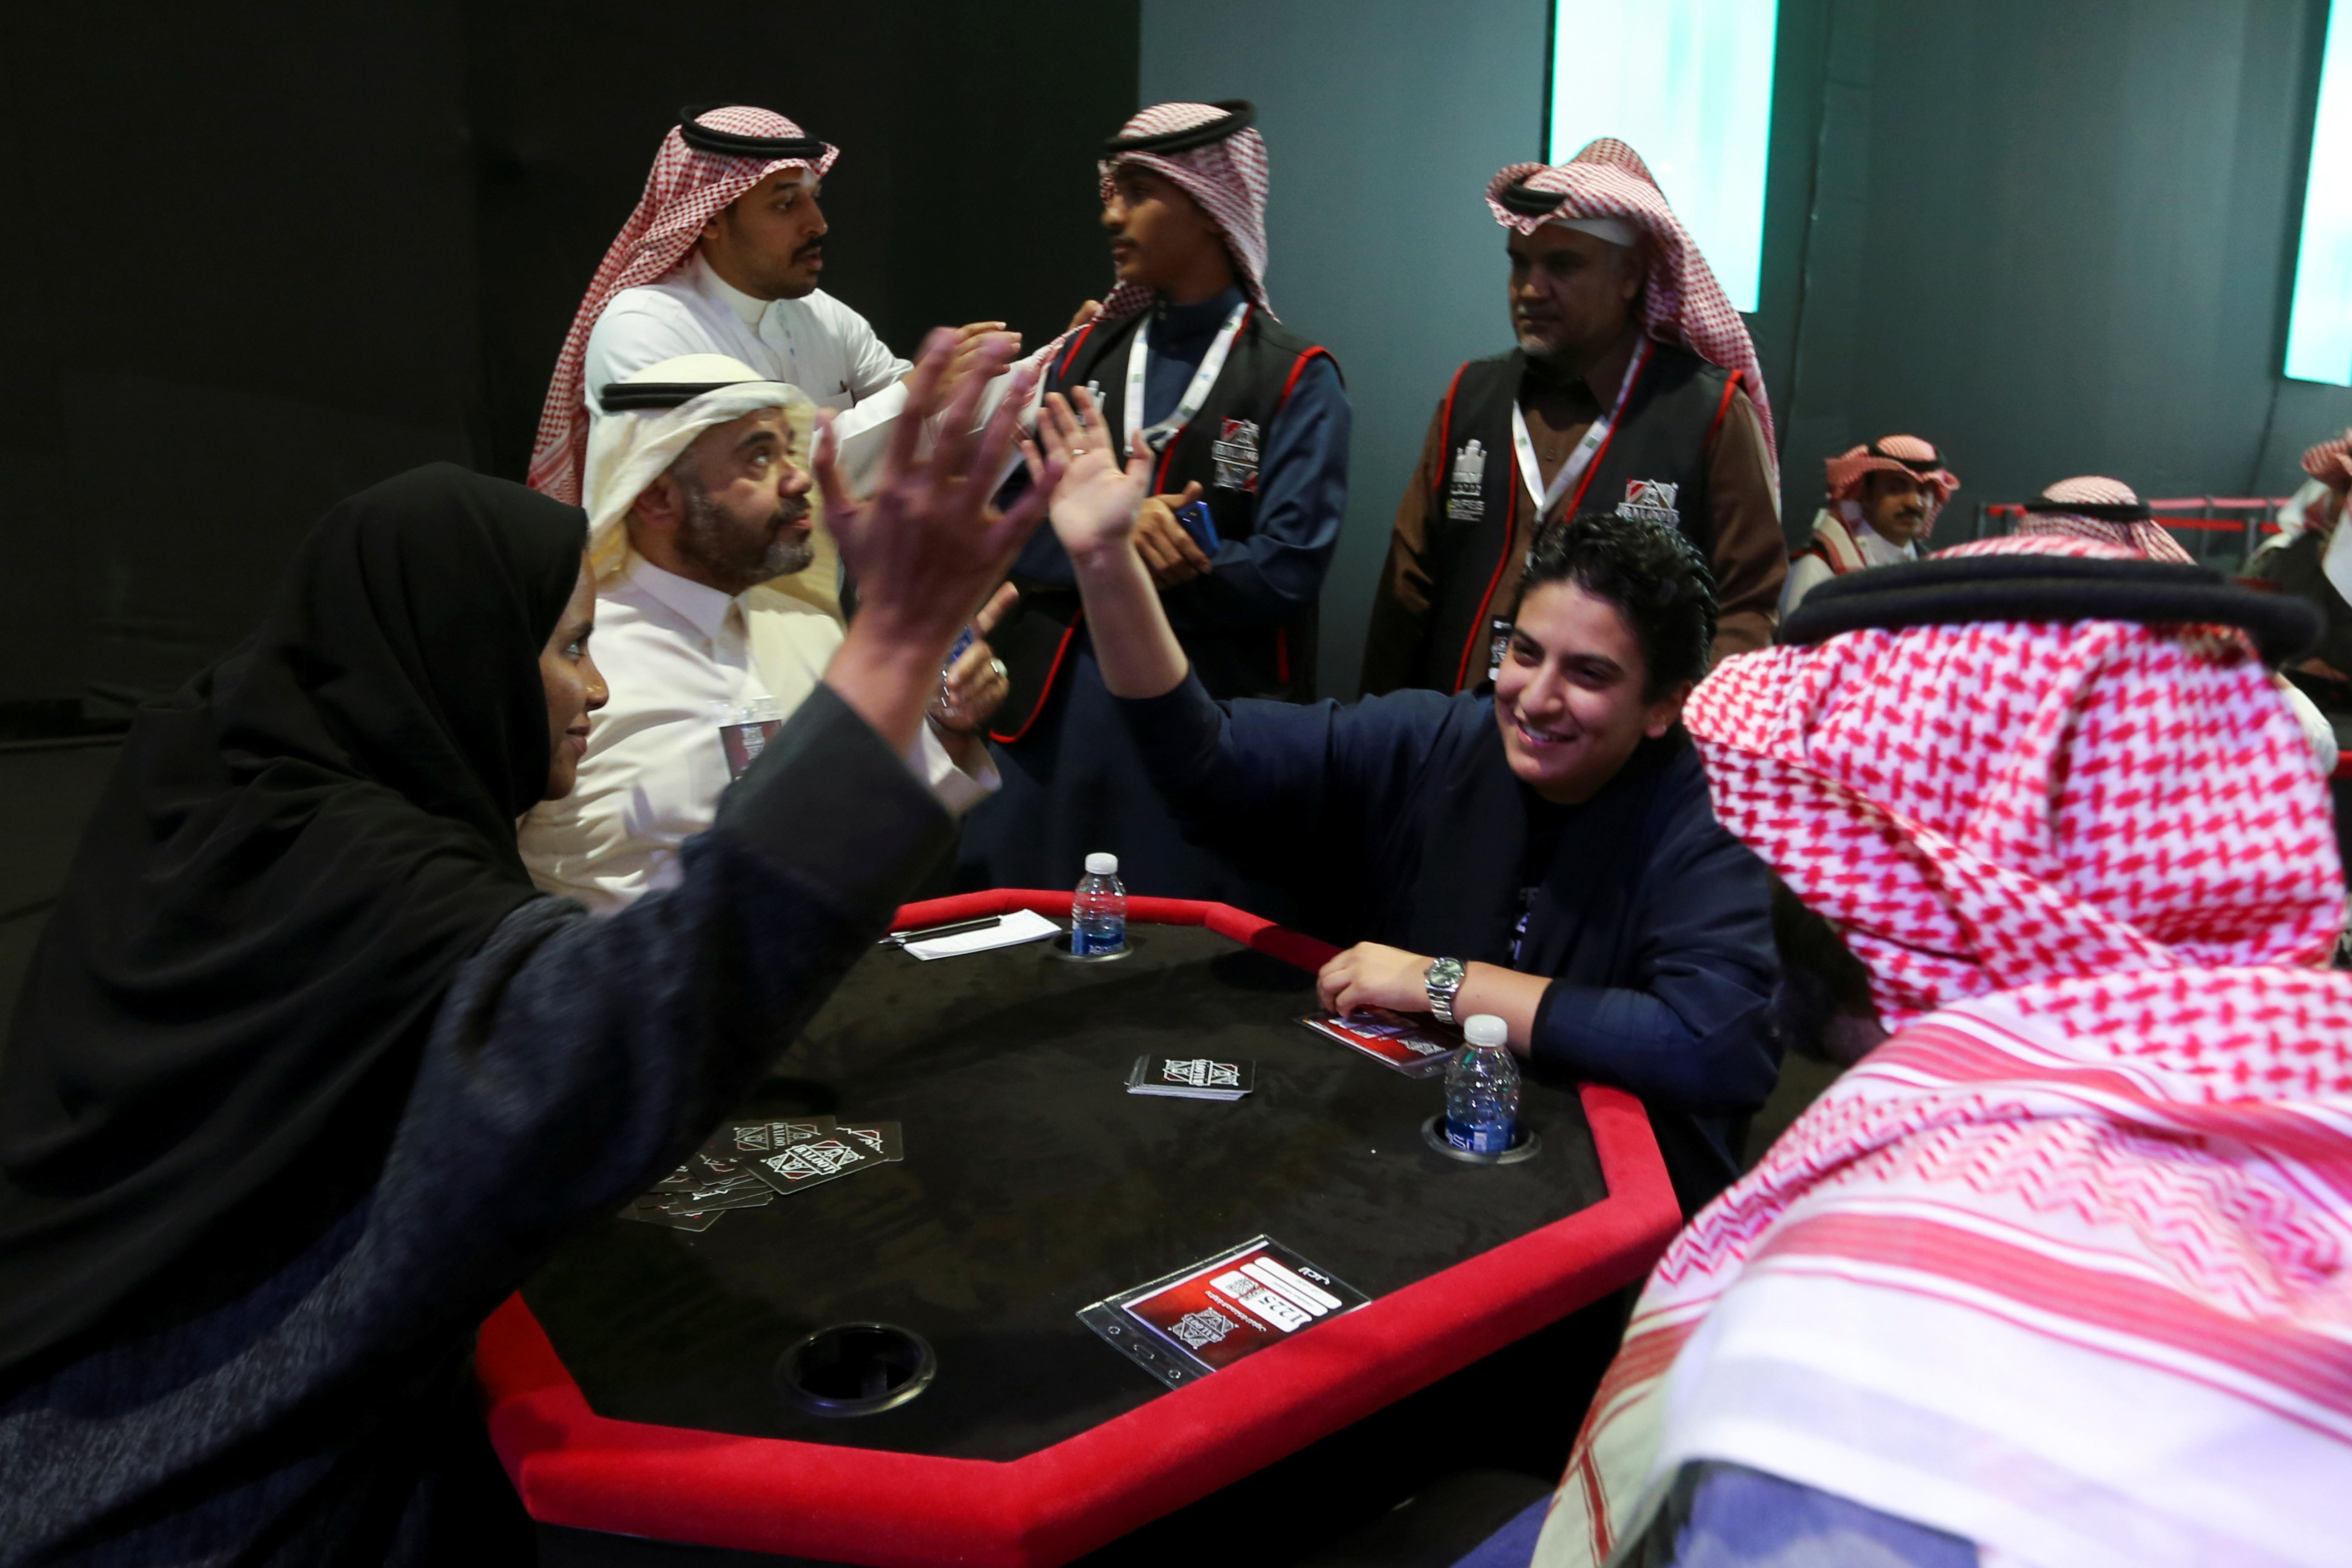 سعوديات يشاركن في بطولة لعبة البلوت